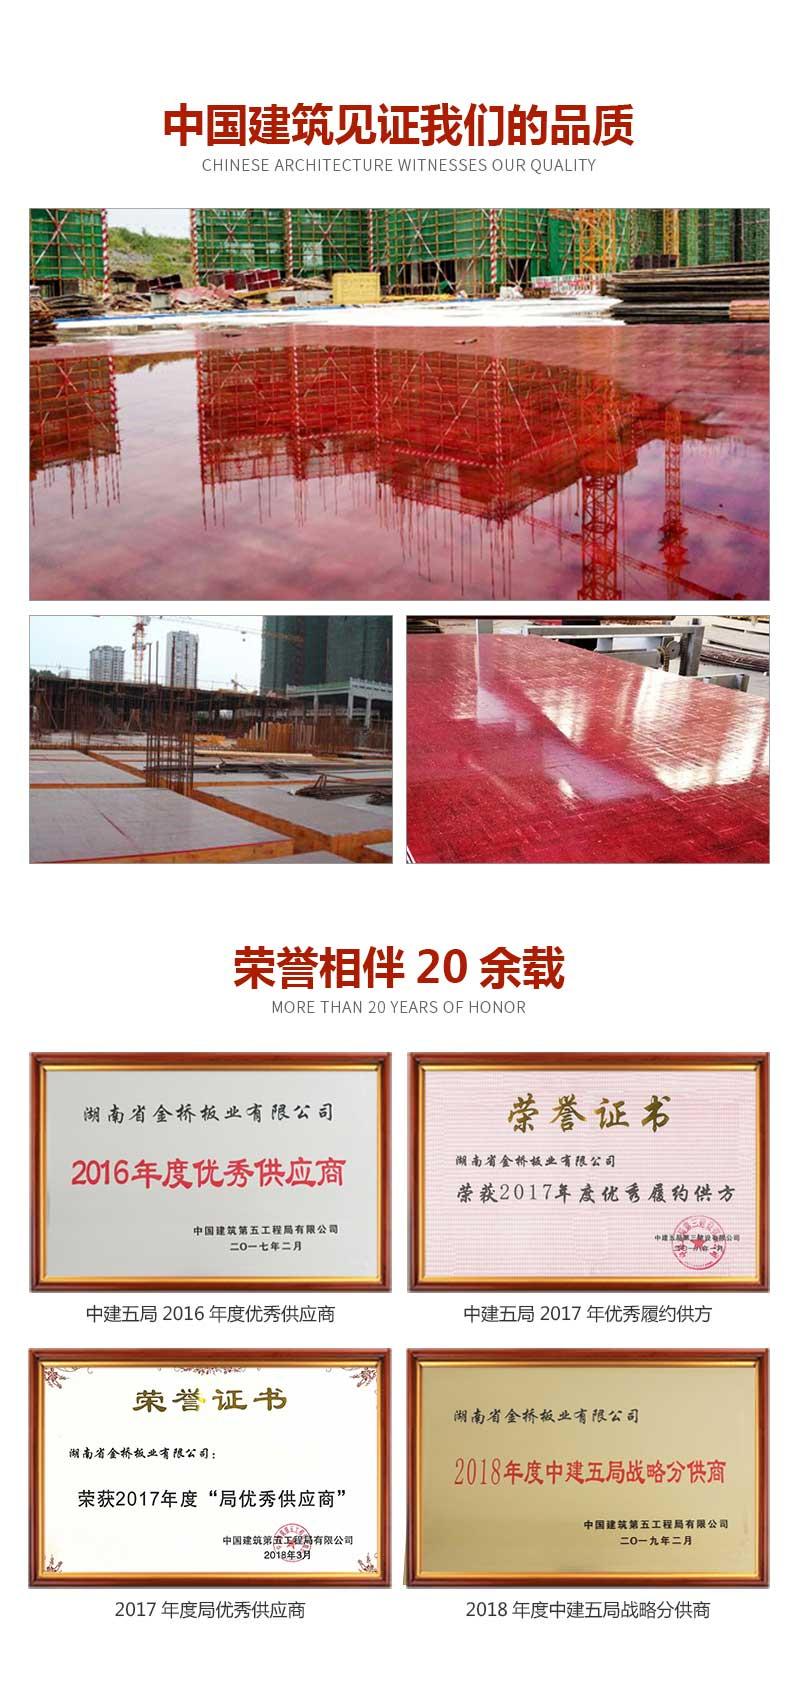 薄帘竹胶板1.22*2.44*1.4金桥板业品质见证